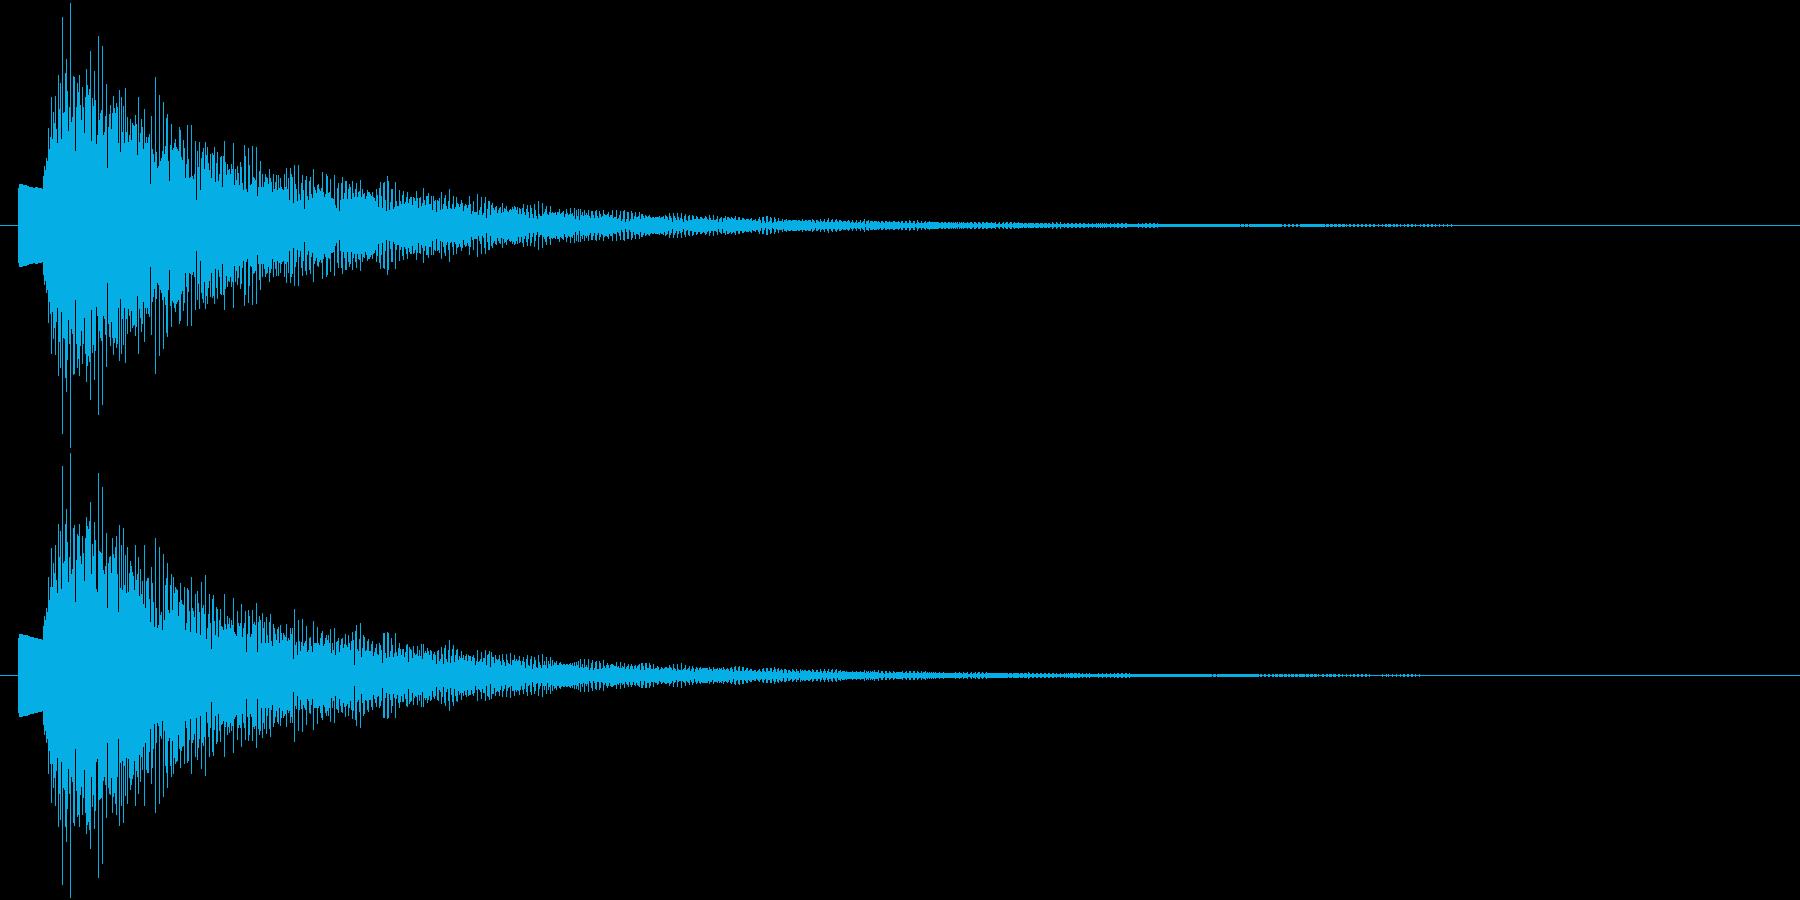 エレクトリックピアノ ピロリーンの再生済みの波形